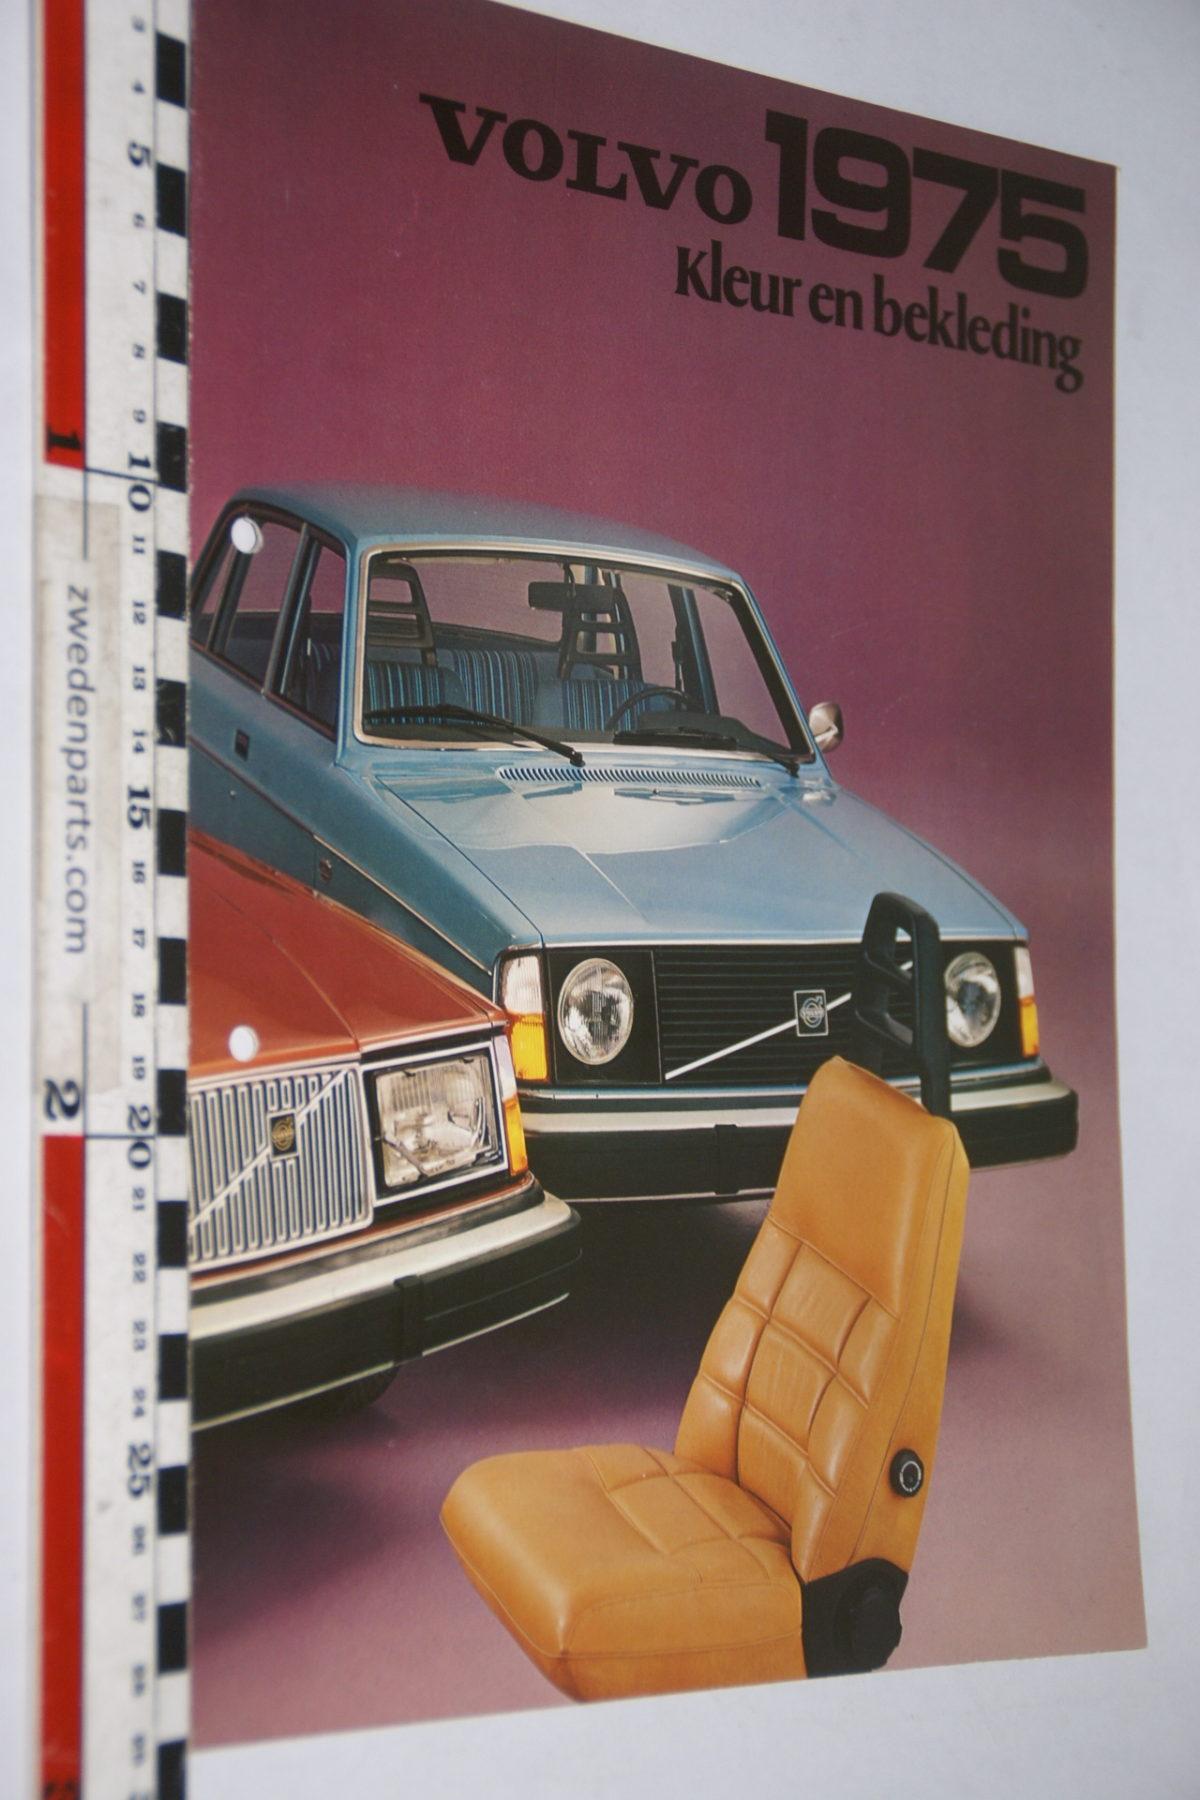 DSC07936 1975 brochure Volvo 200 kleur en bekleding nr RSPPV 1940